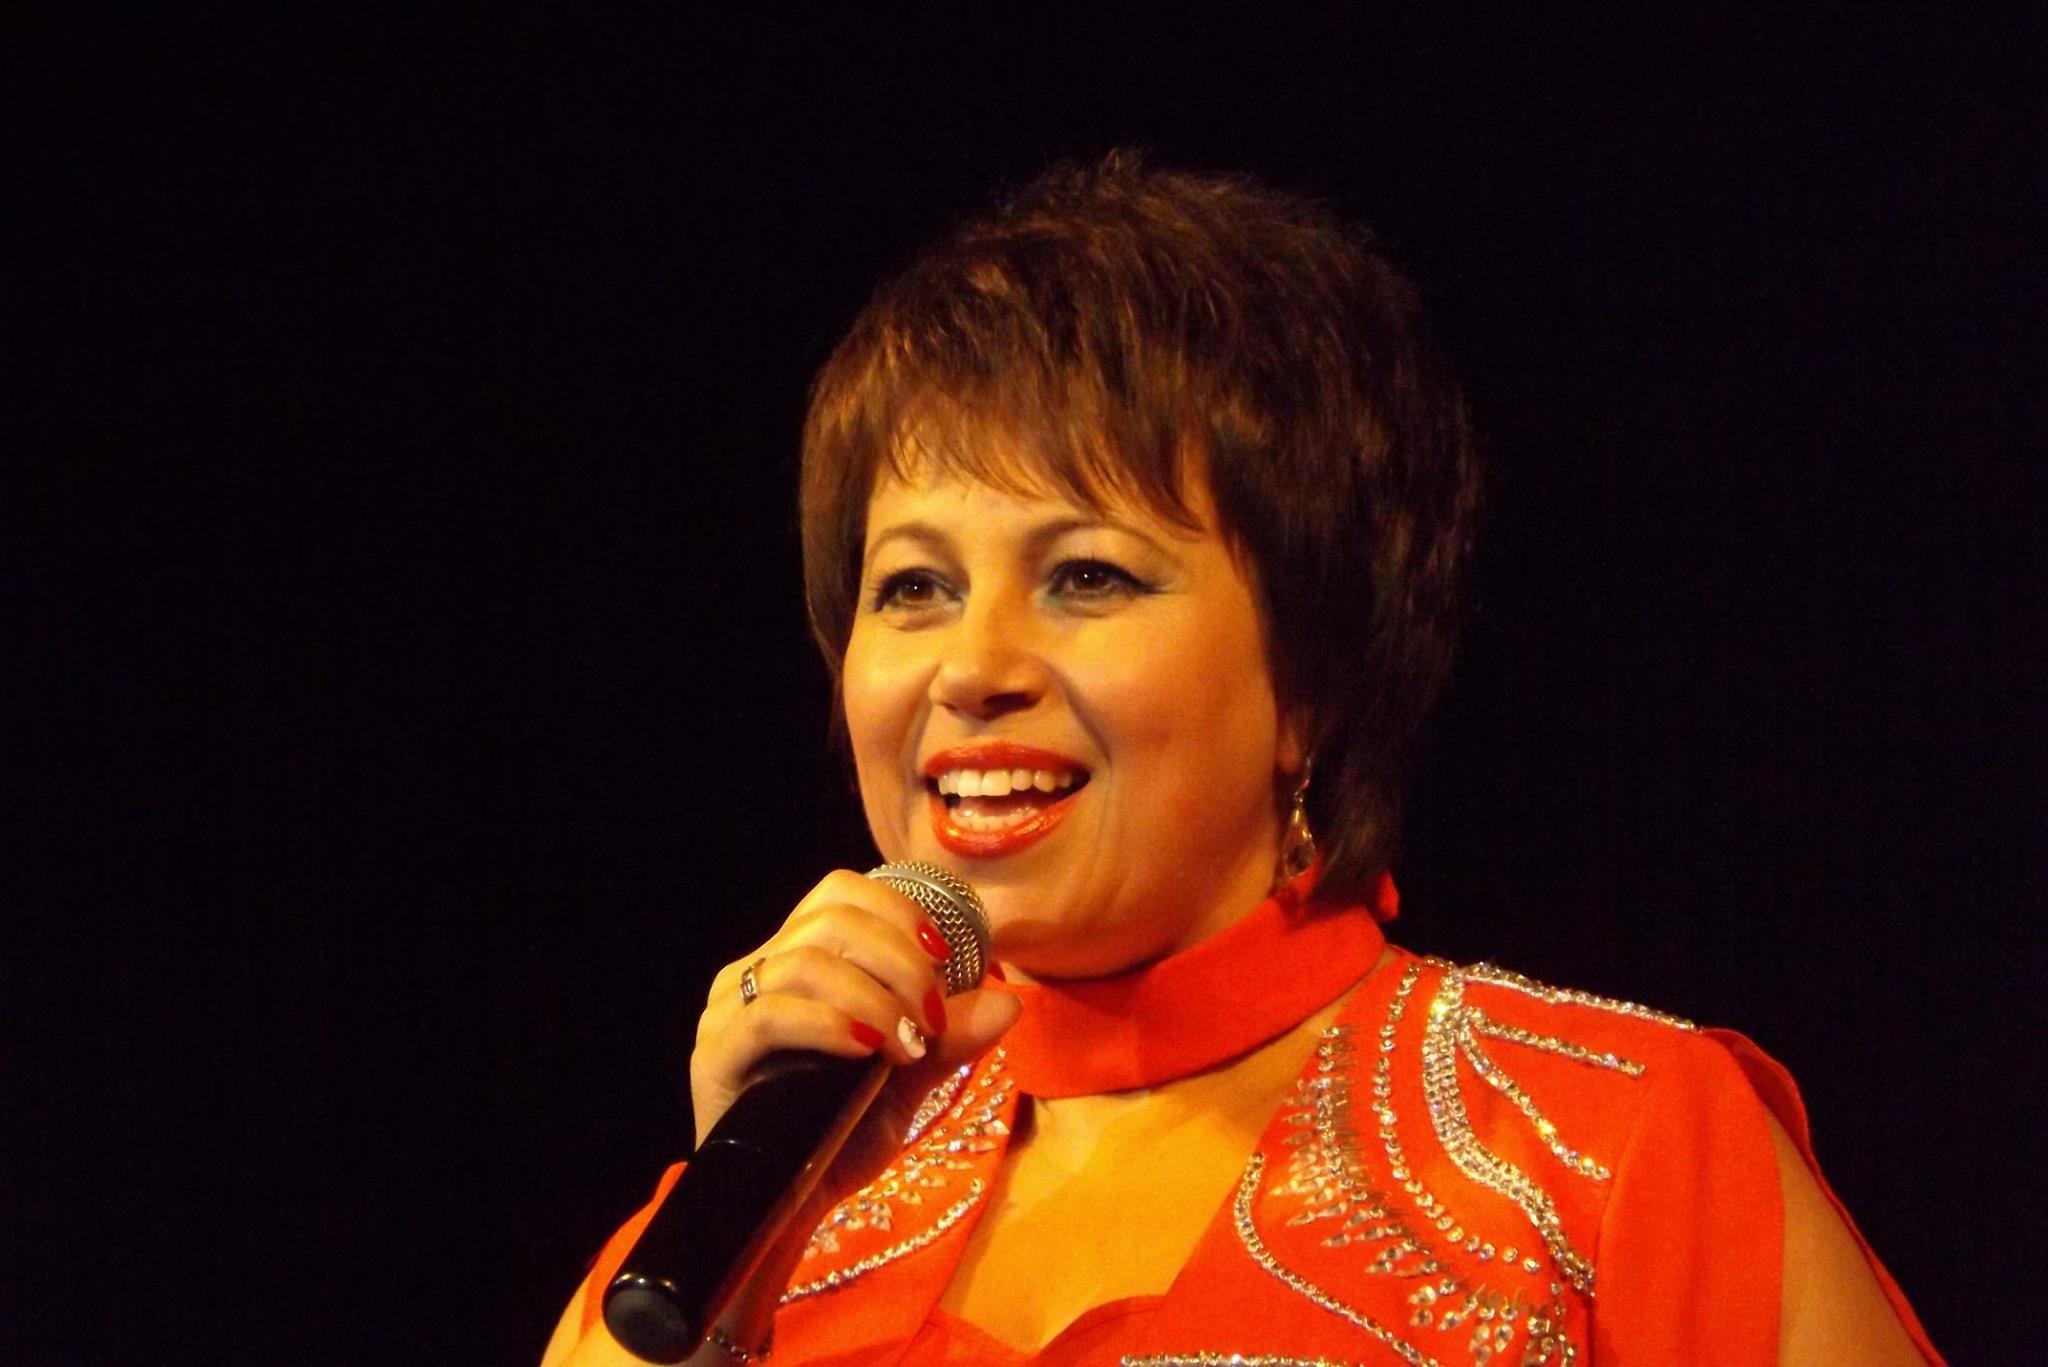 Полтавская филармония приглашает на юбилейный концерт Татьяны Садохиной